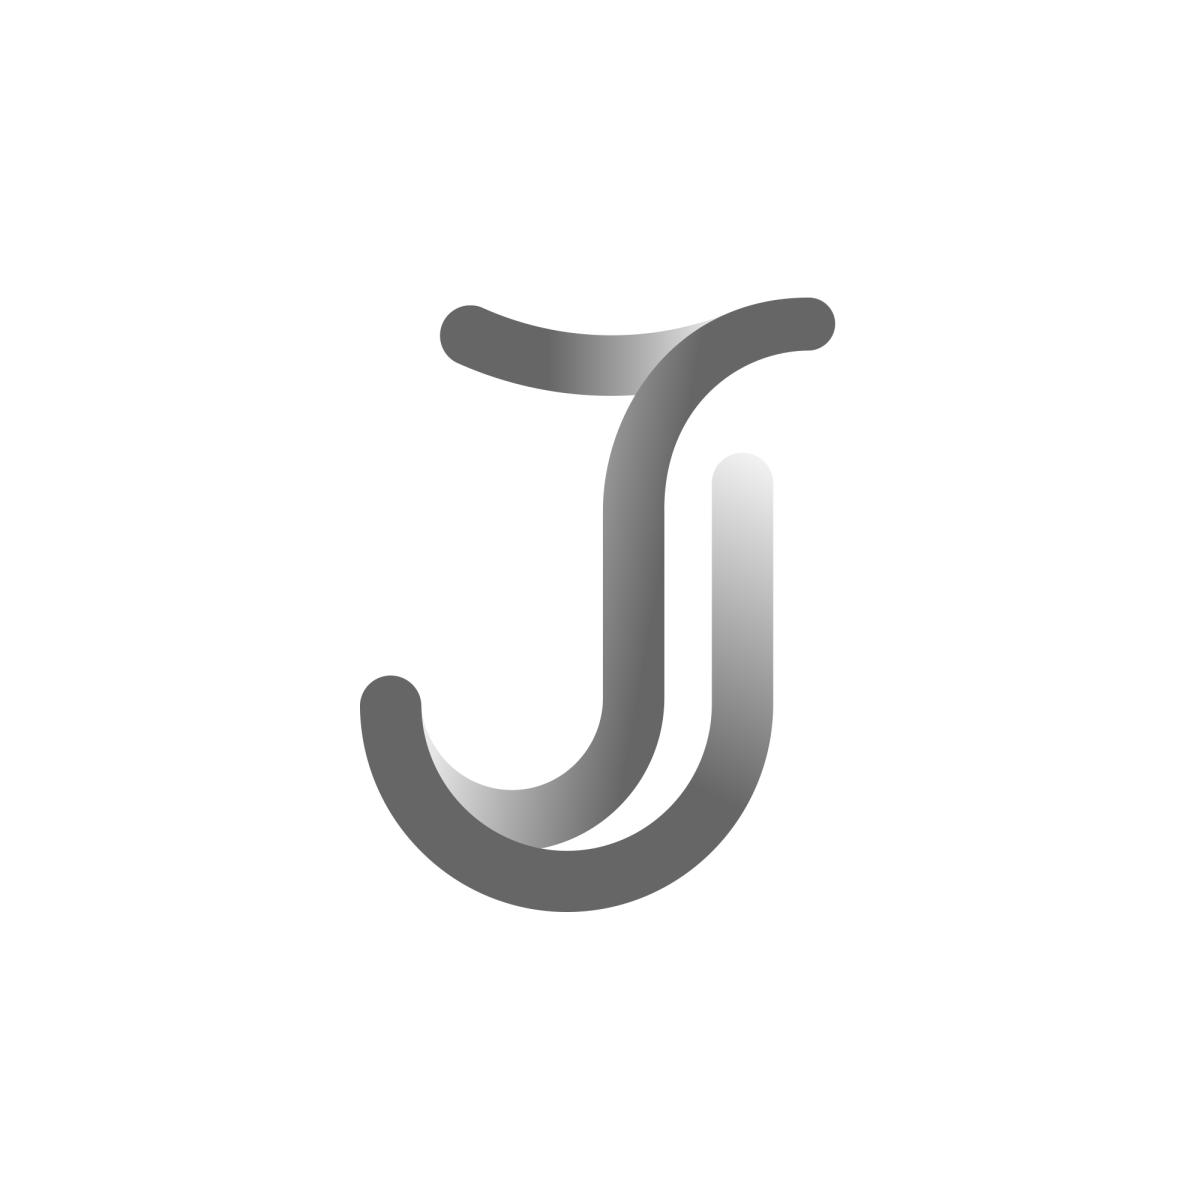 Jersey Svg Logo Initials Logo Design Font Design Logo Letter Logo Design